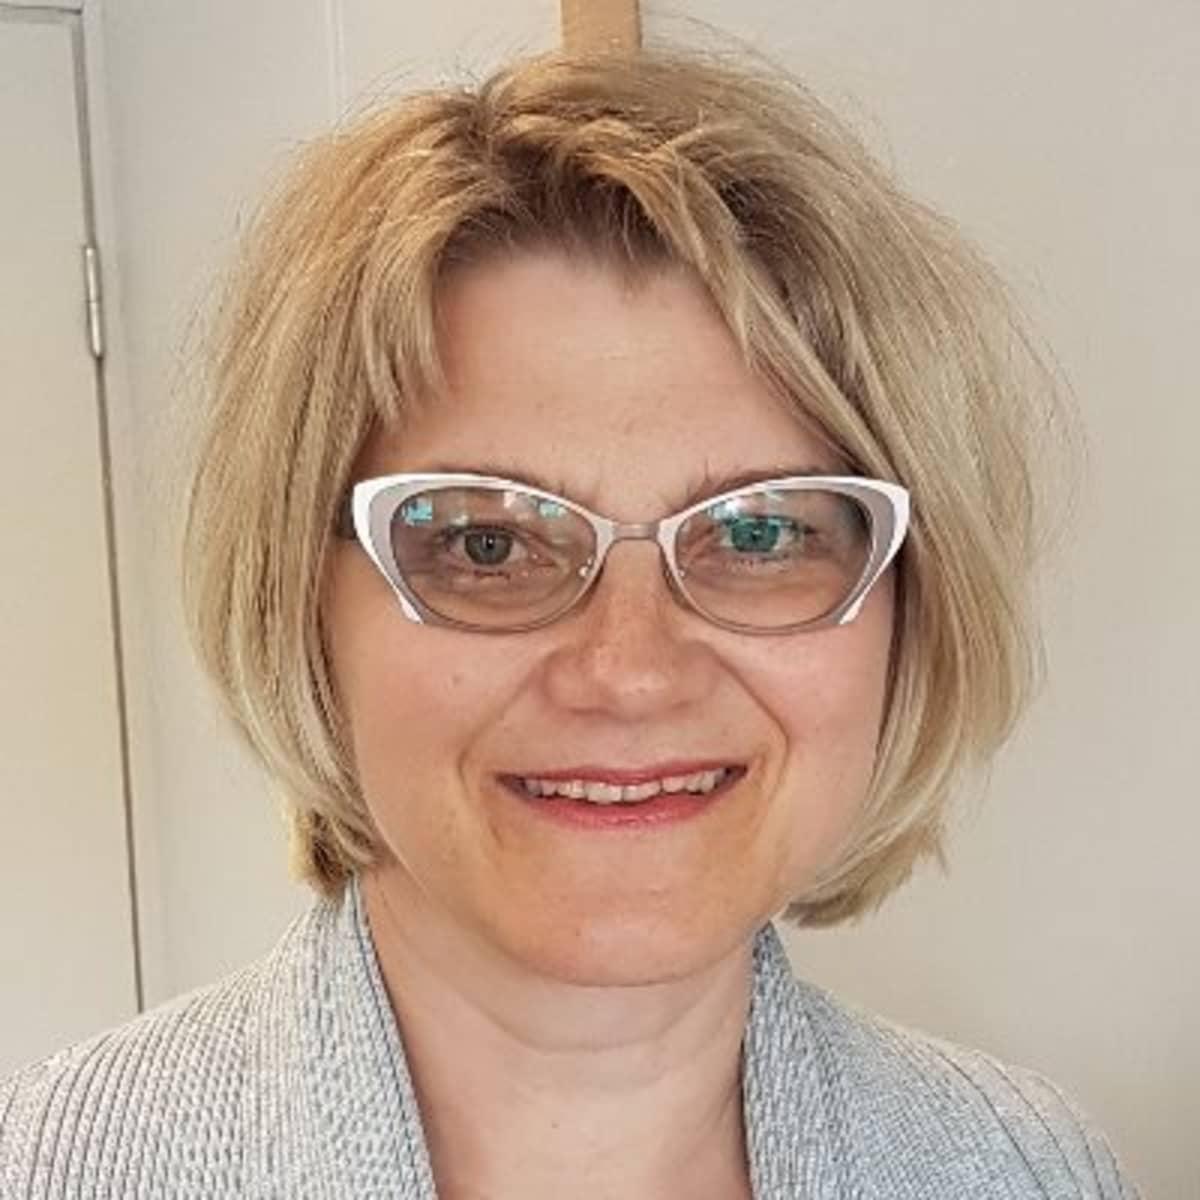 Kehittämispäällikkö Maria Kuukkanen Perhehoitoliitosta.